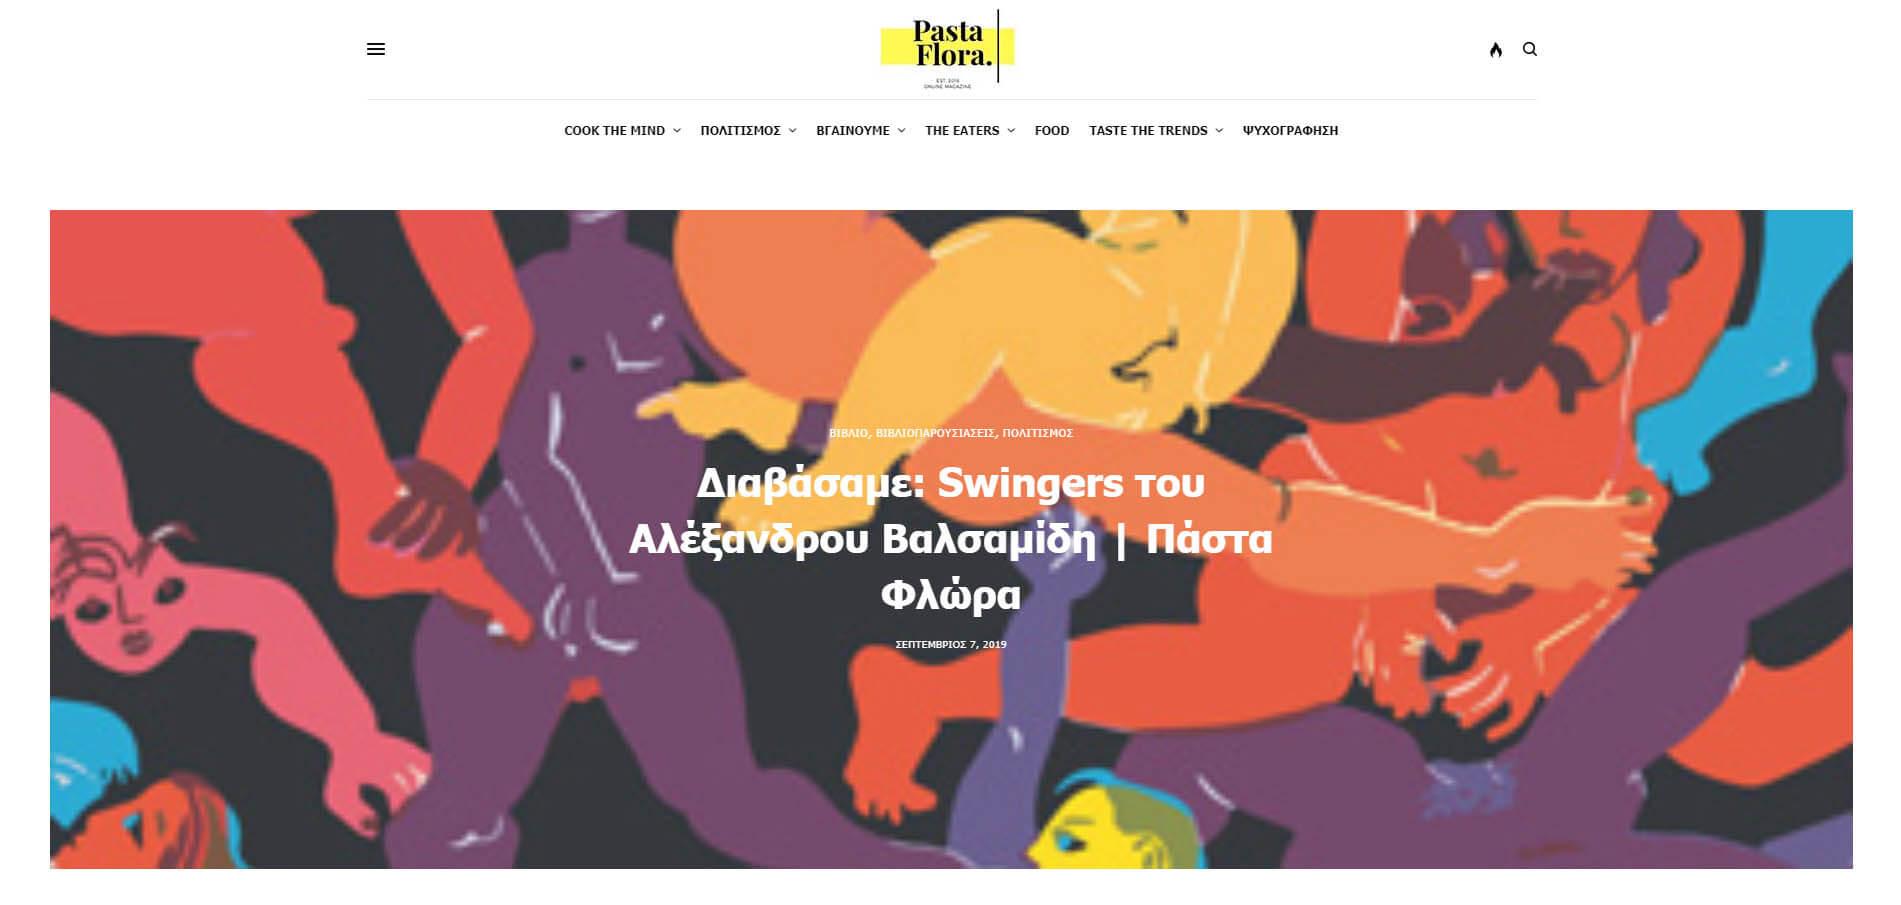 Online περιοδικό Pastafloramag